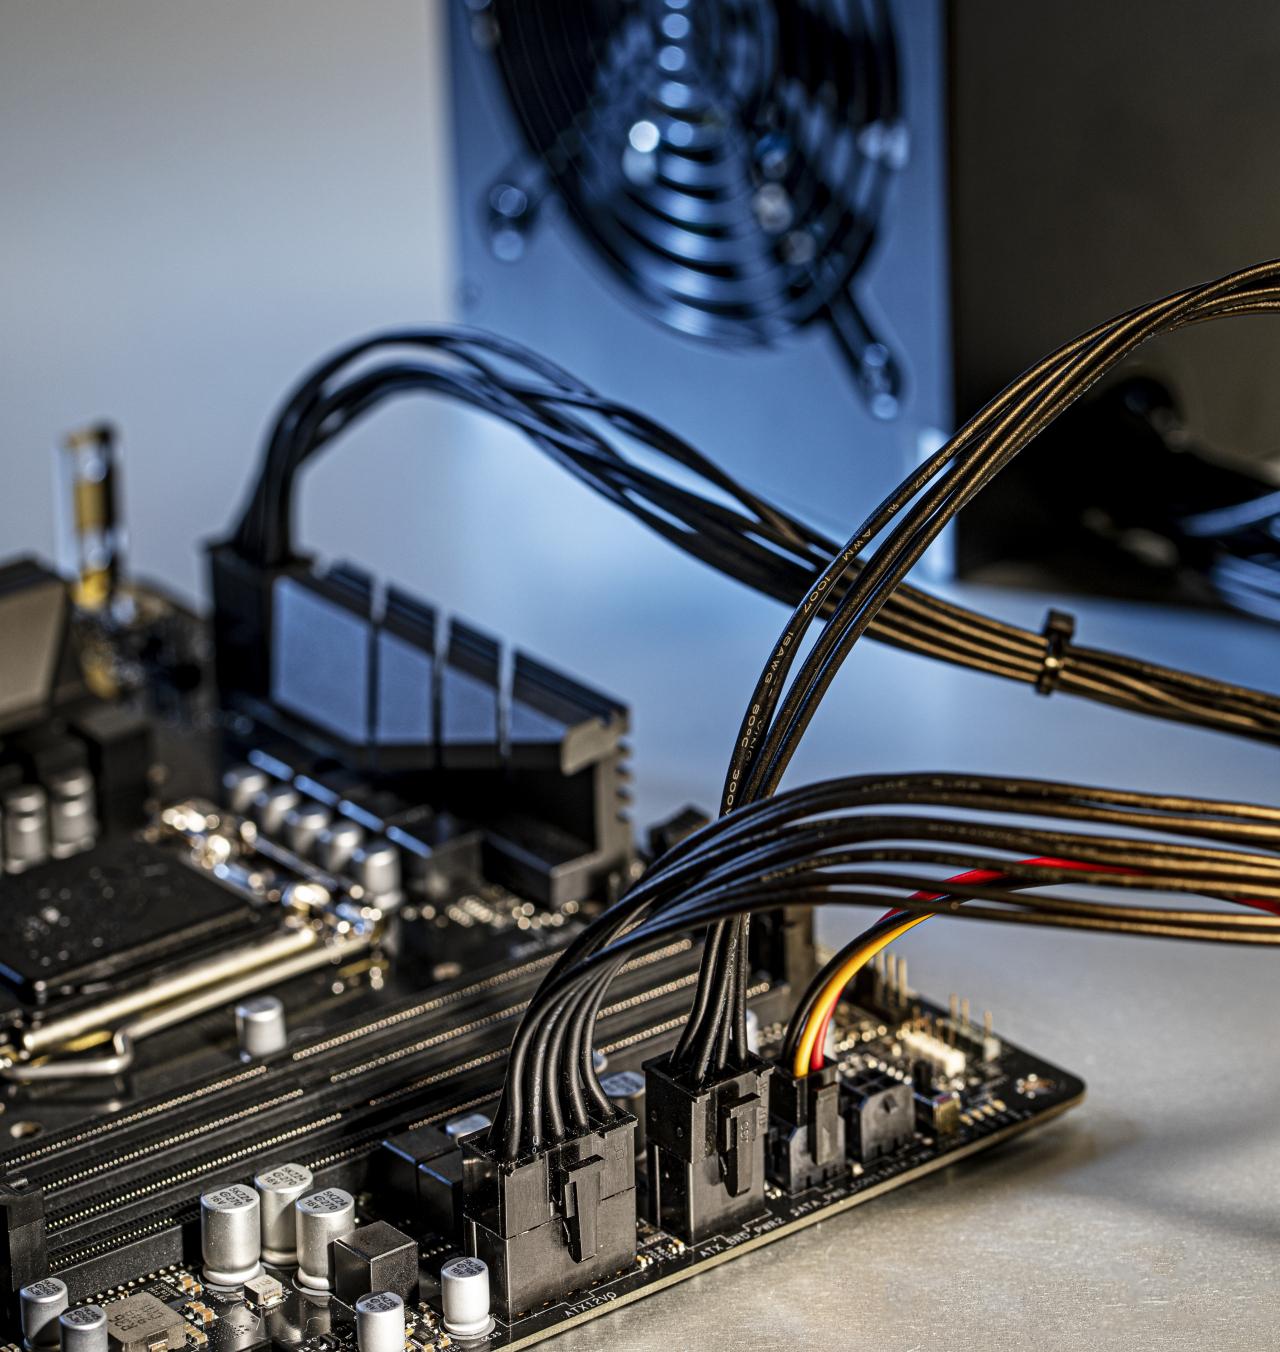 wat is ATX12VO standaard voeding moederbord stekker ATX Intel